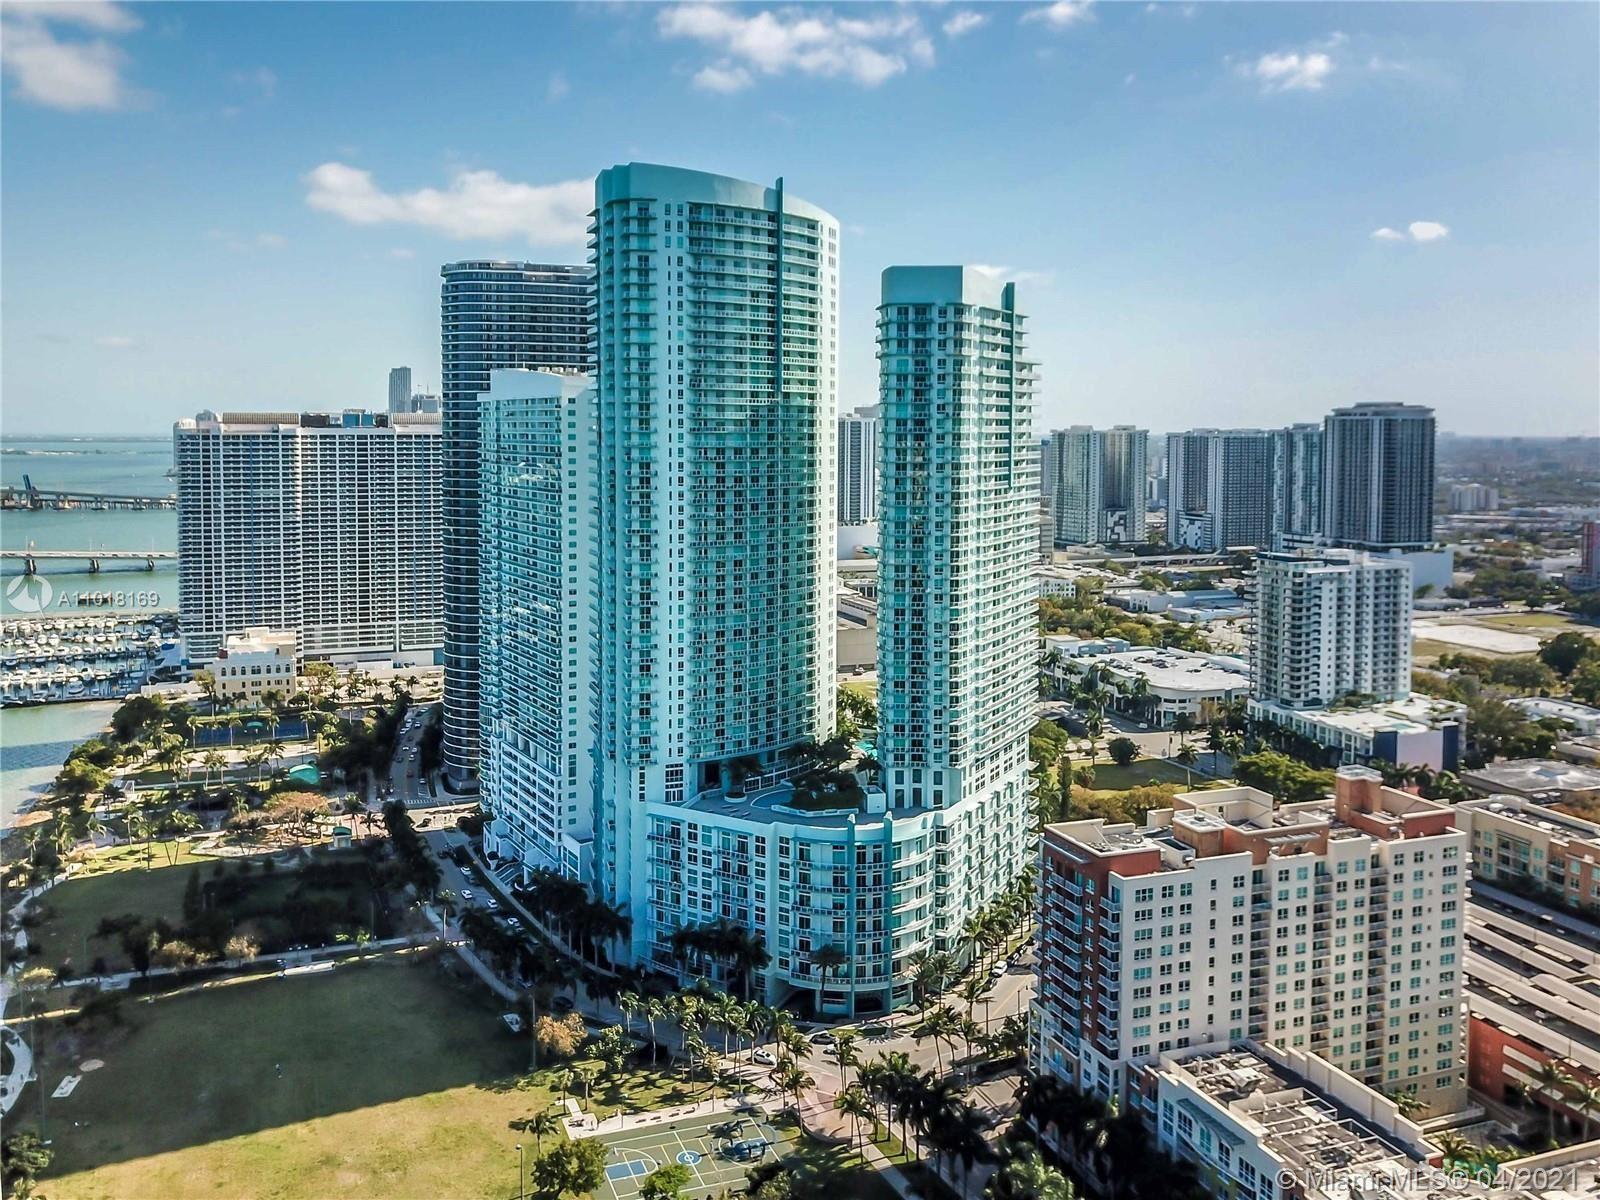 1900 N Bayshore Dr #4103, Miami, FL 33132 - #: A11018169